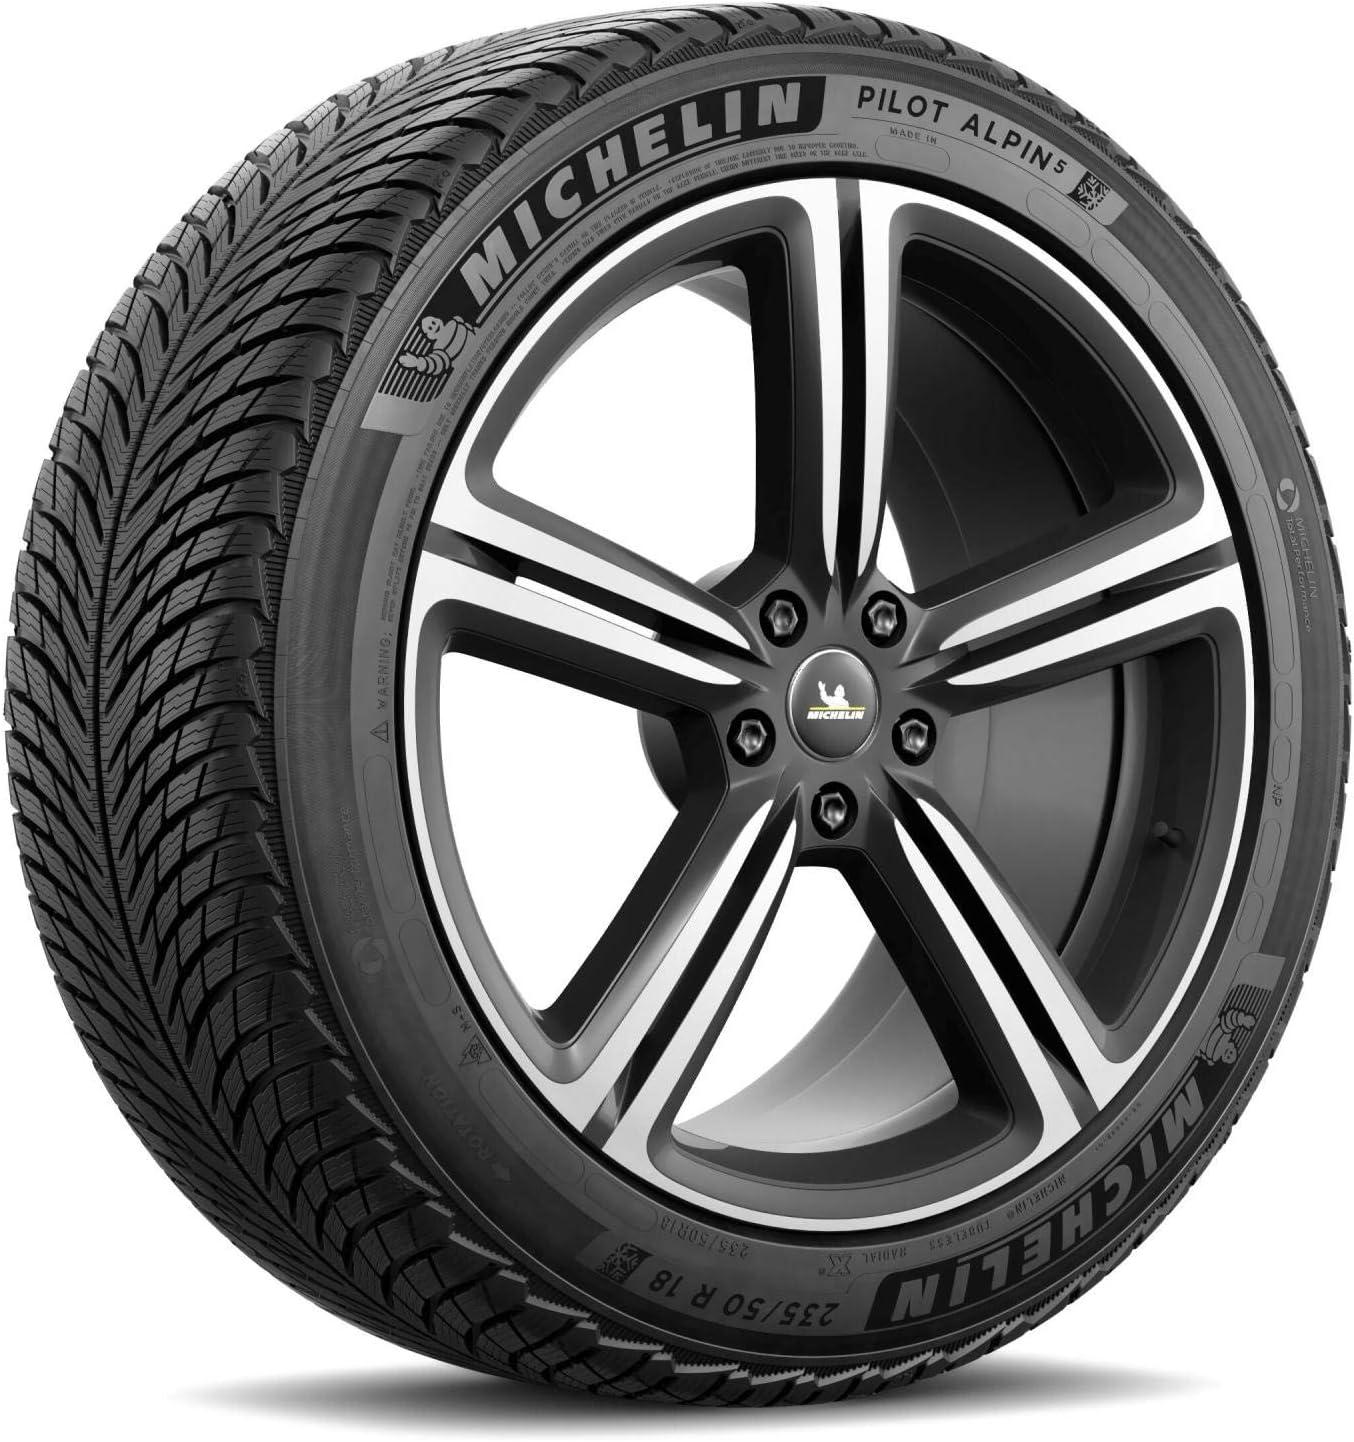 Michelin Pilot Alpin 5 Xl Fsl M S 235 50r18 101v Winterreifen Auto